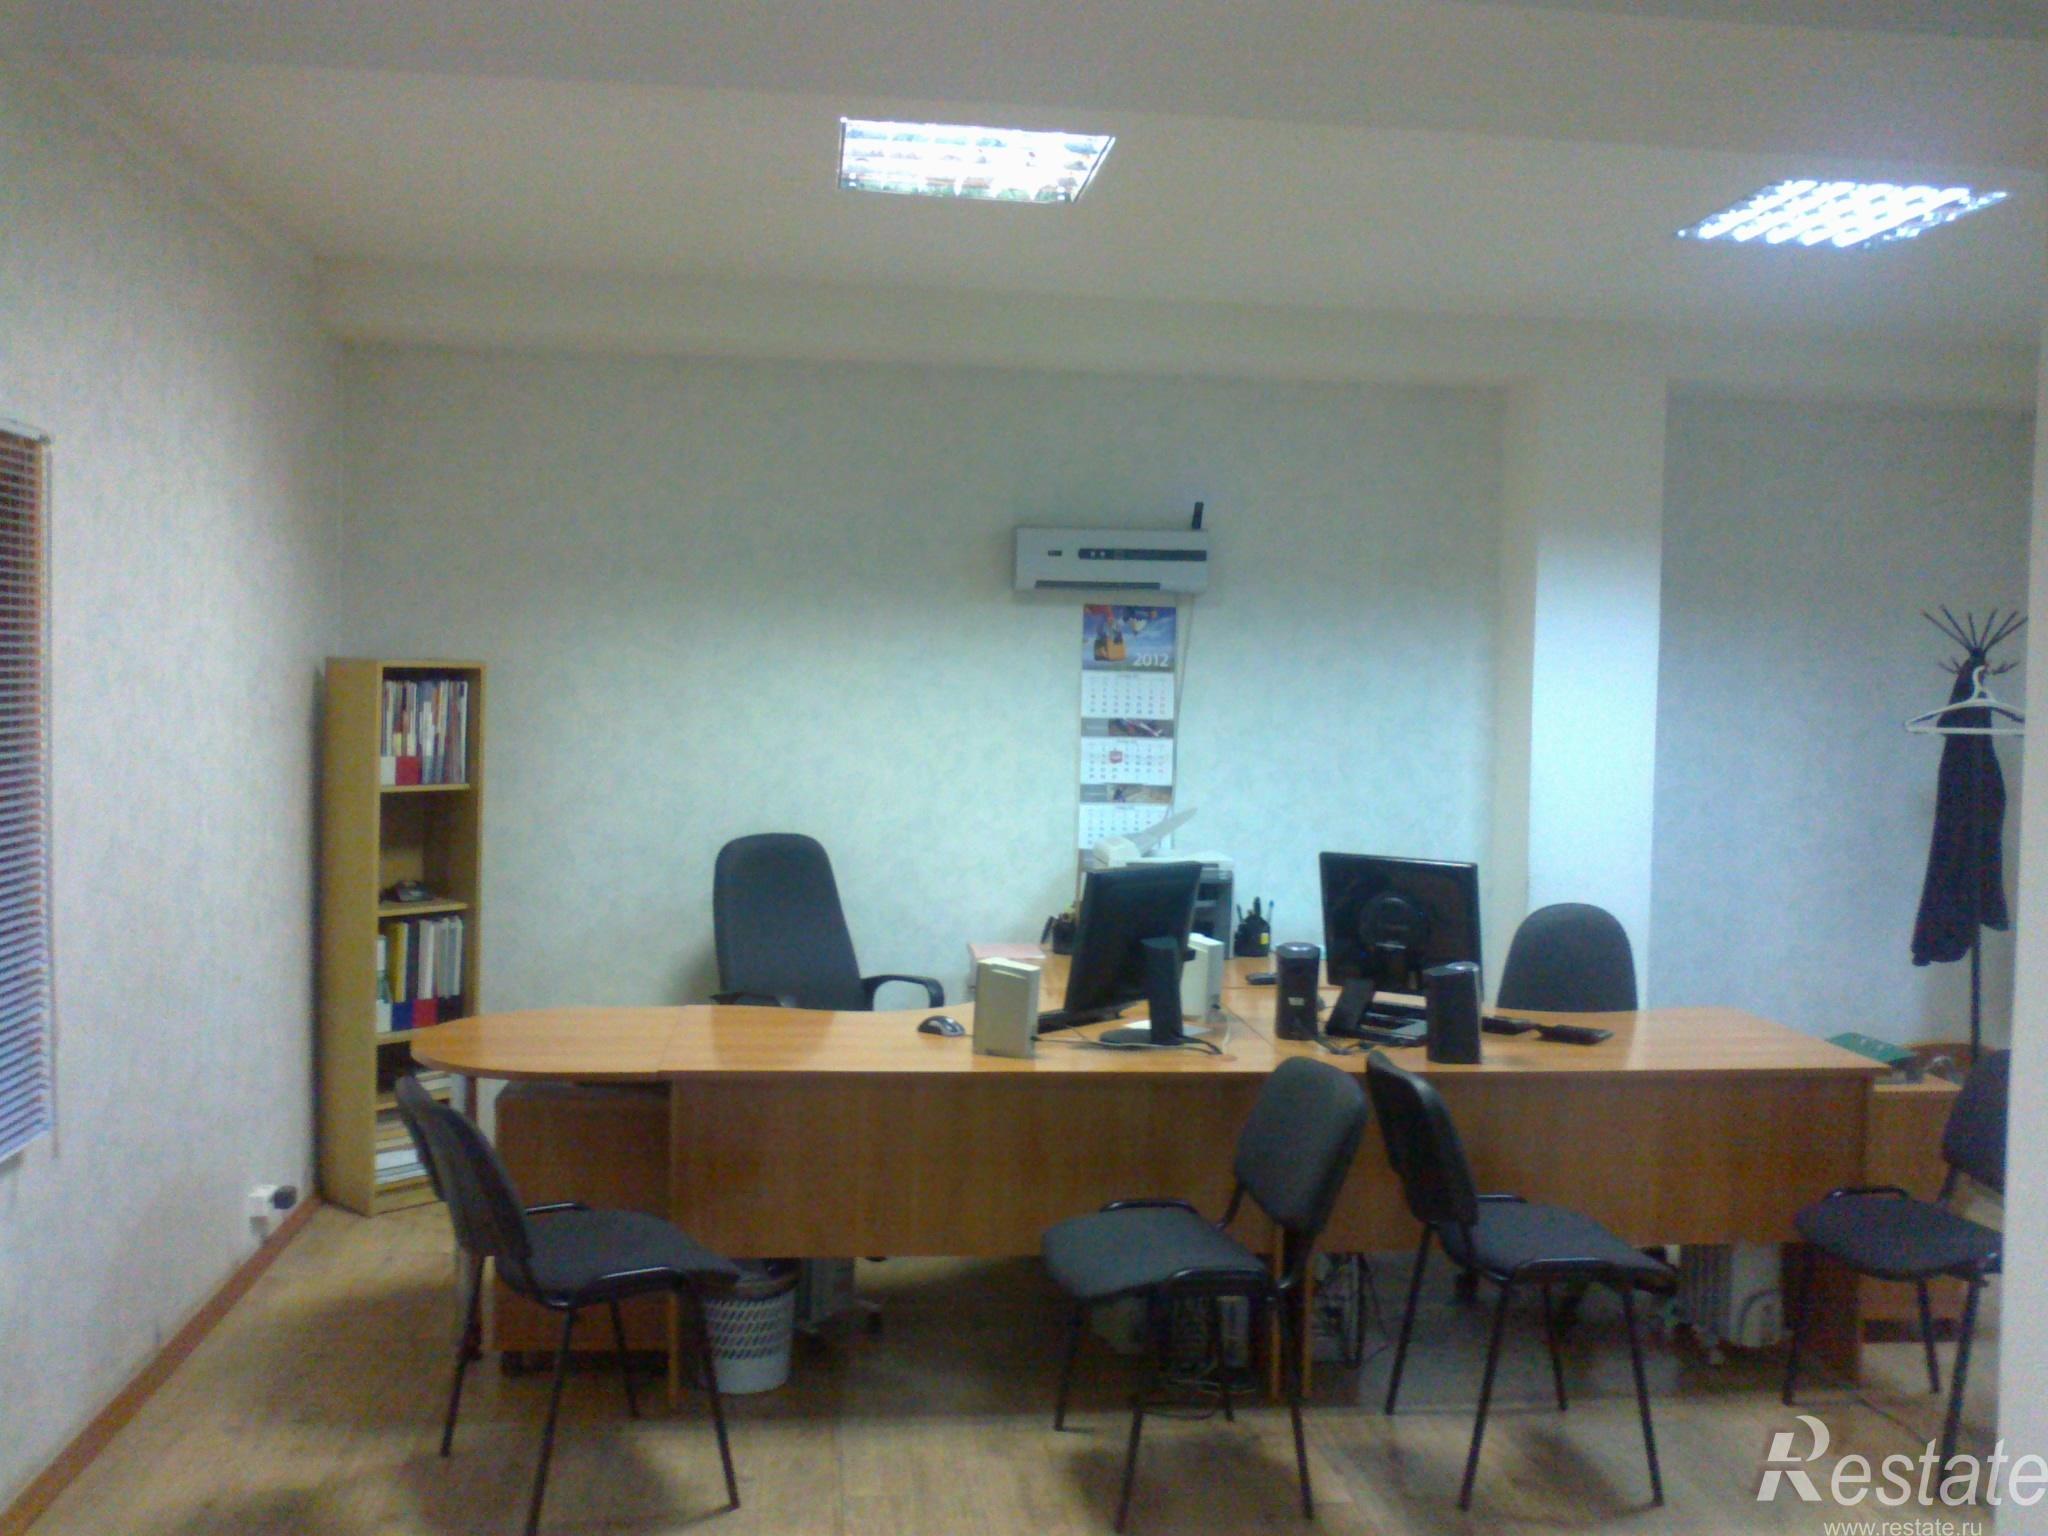 Сдать в аренду Офисы Ленинградская область,  Всеволожский,  Девяткино, Лесная ул, Мурино